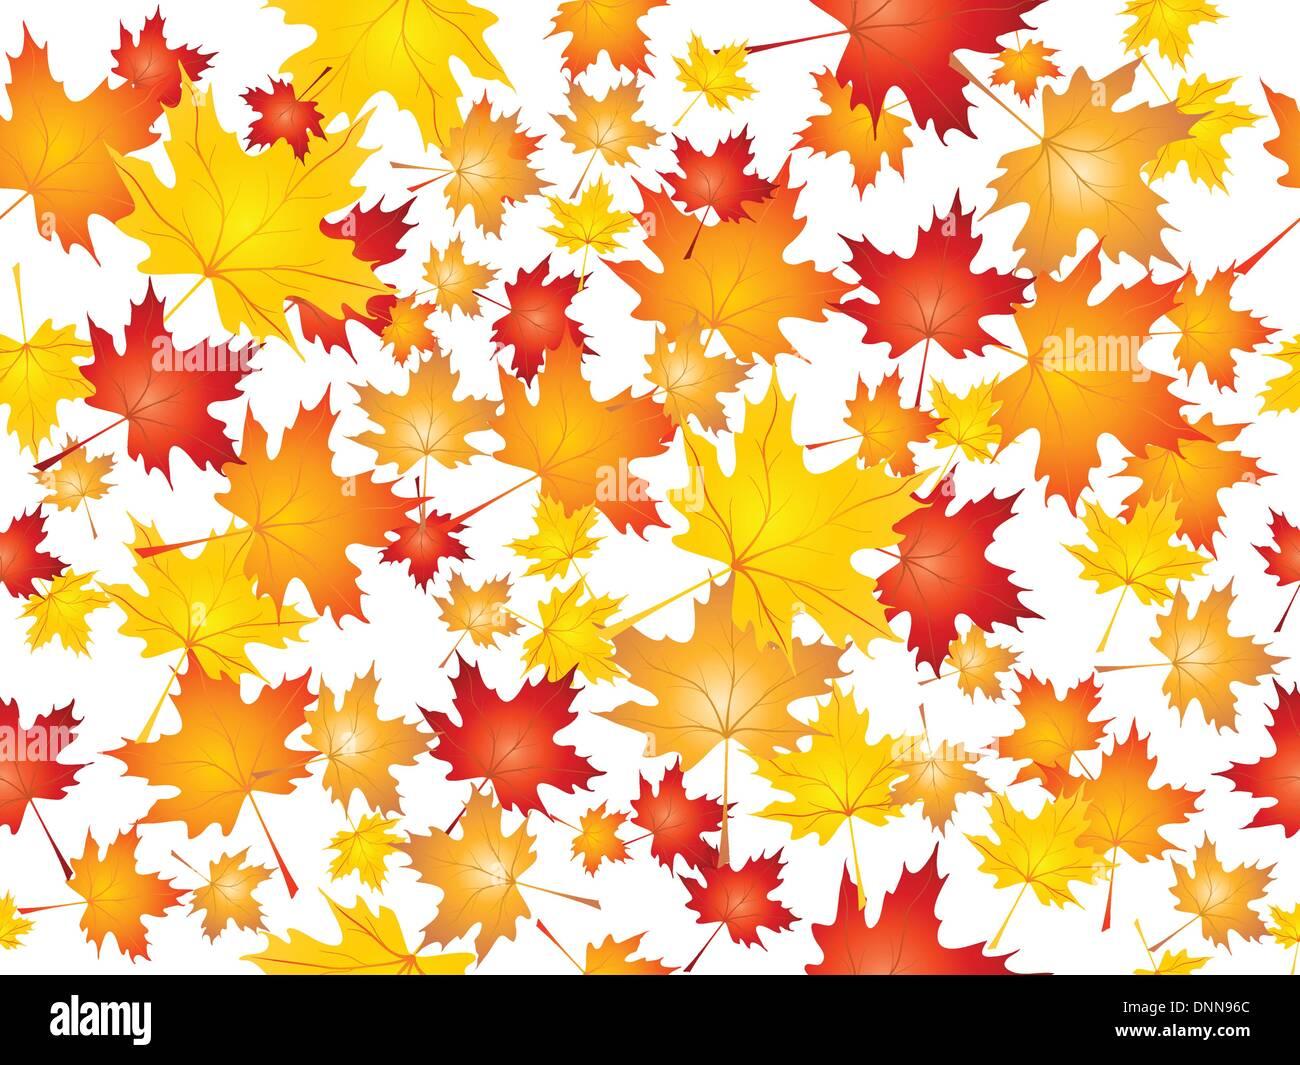 Contexte de la chute des feuilles d'érable Photo Stock